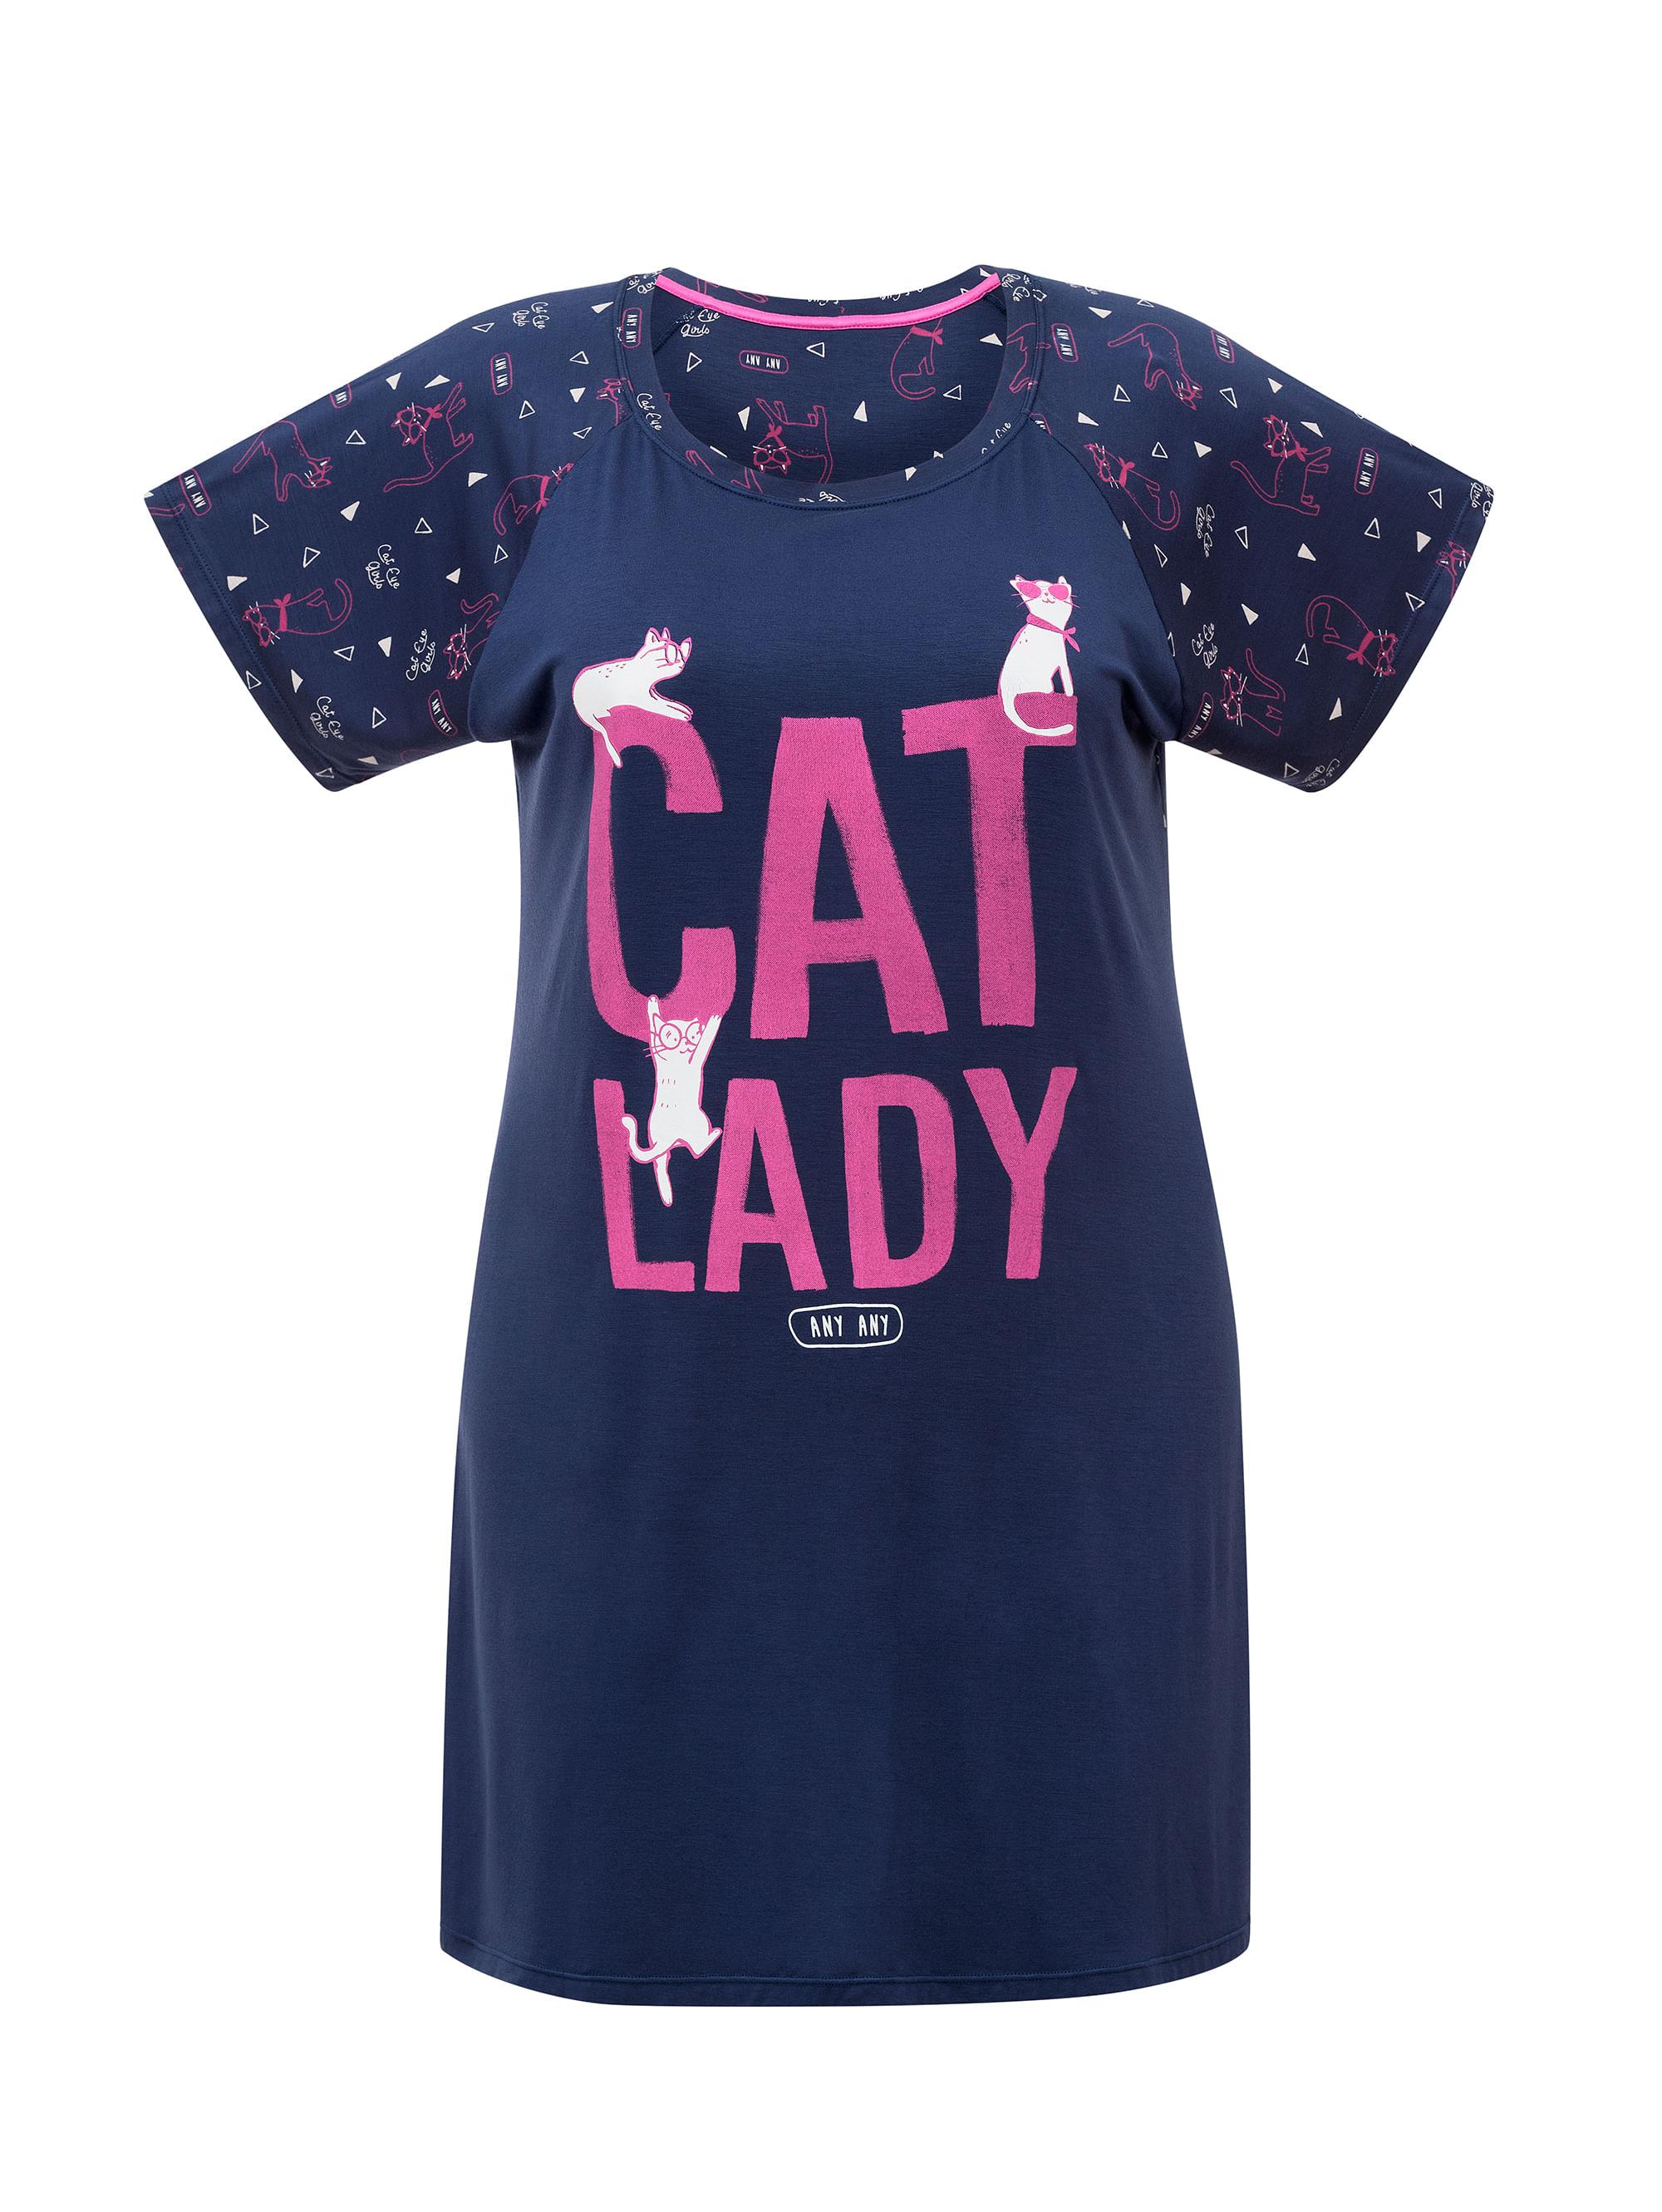 3a2512a6f Camisola Feminina Manga Curta Plus Size Cat Lady - 01.03.1090 ...